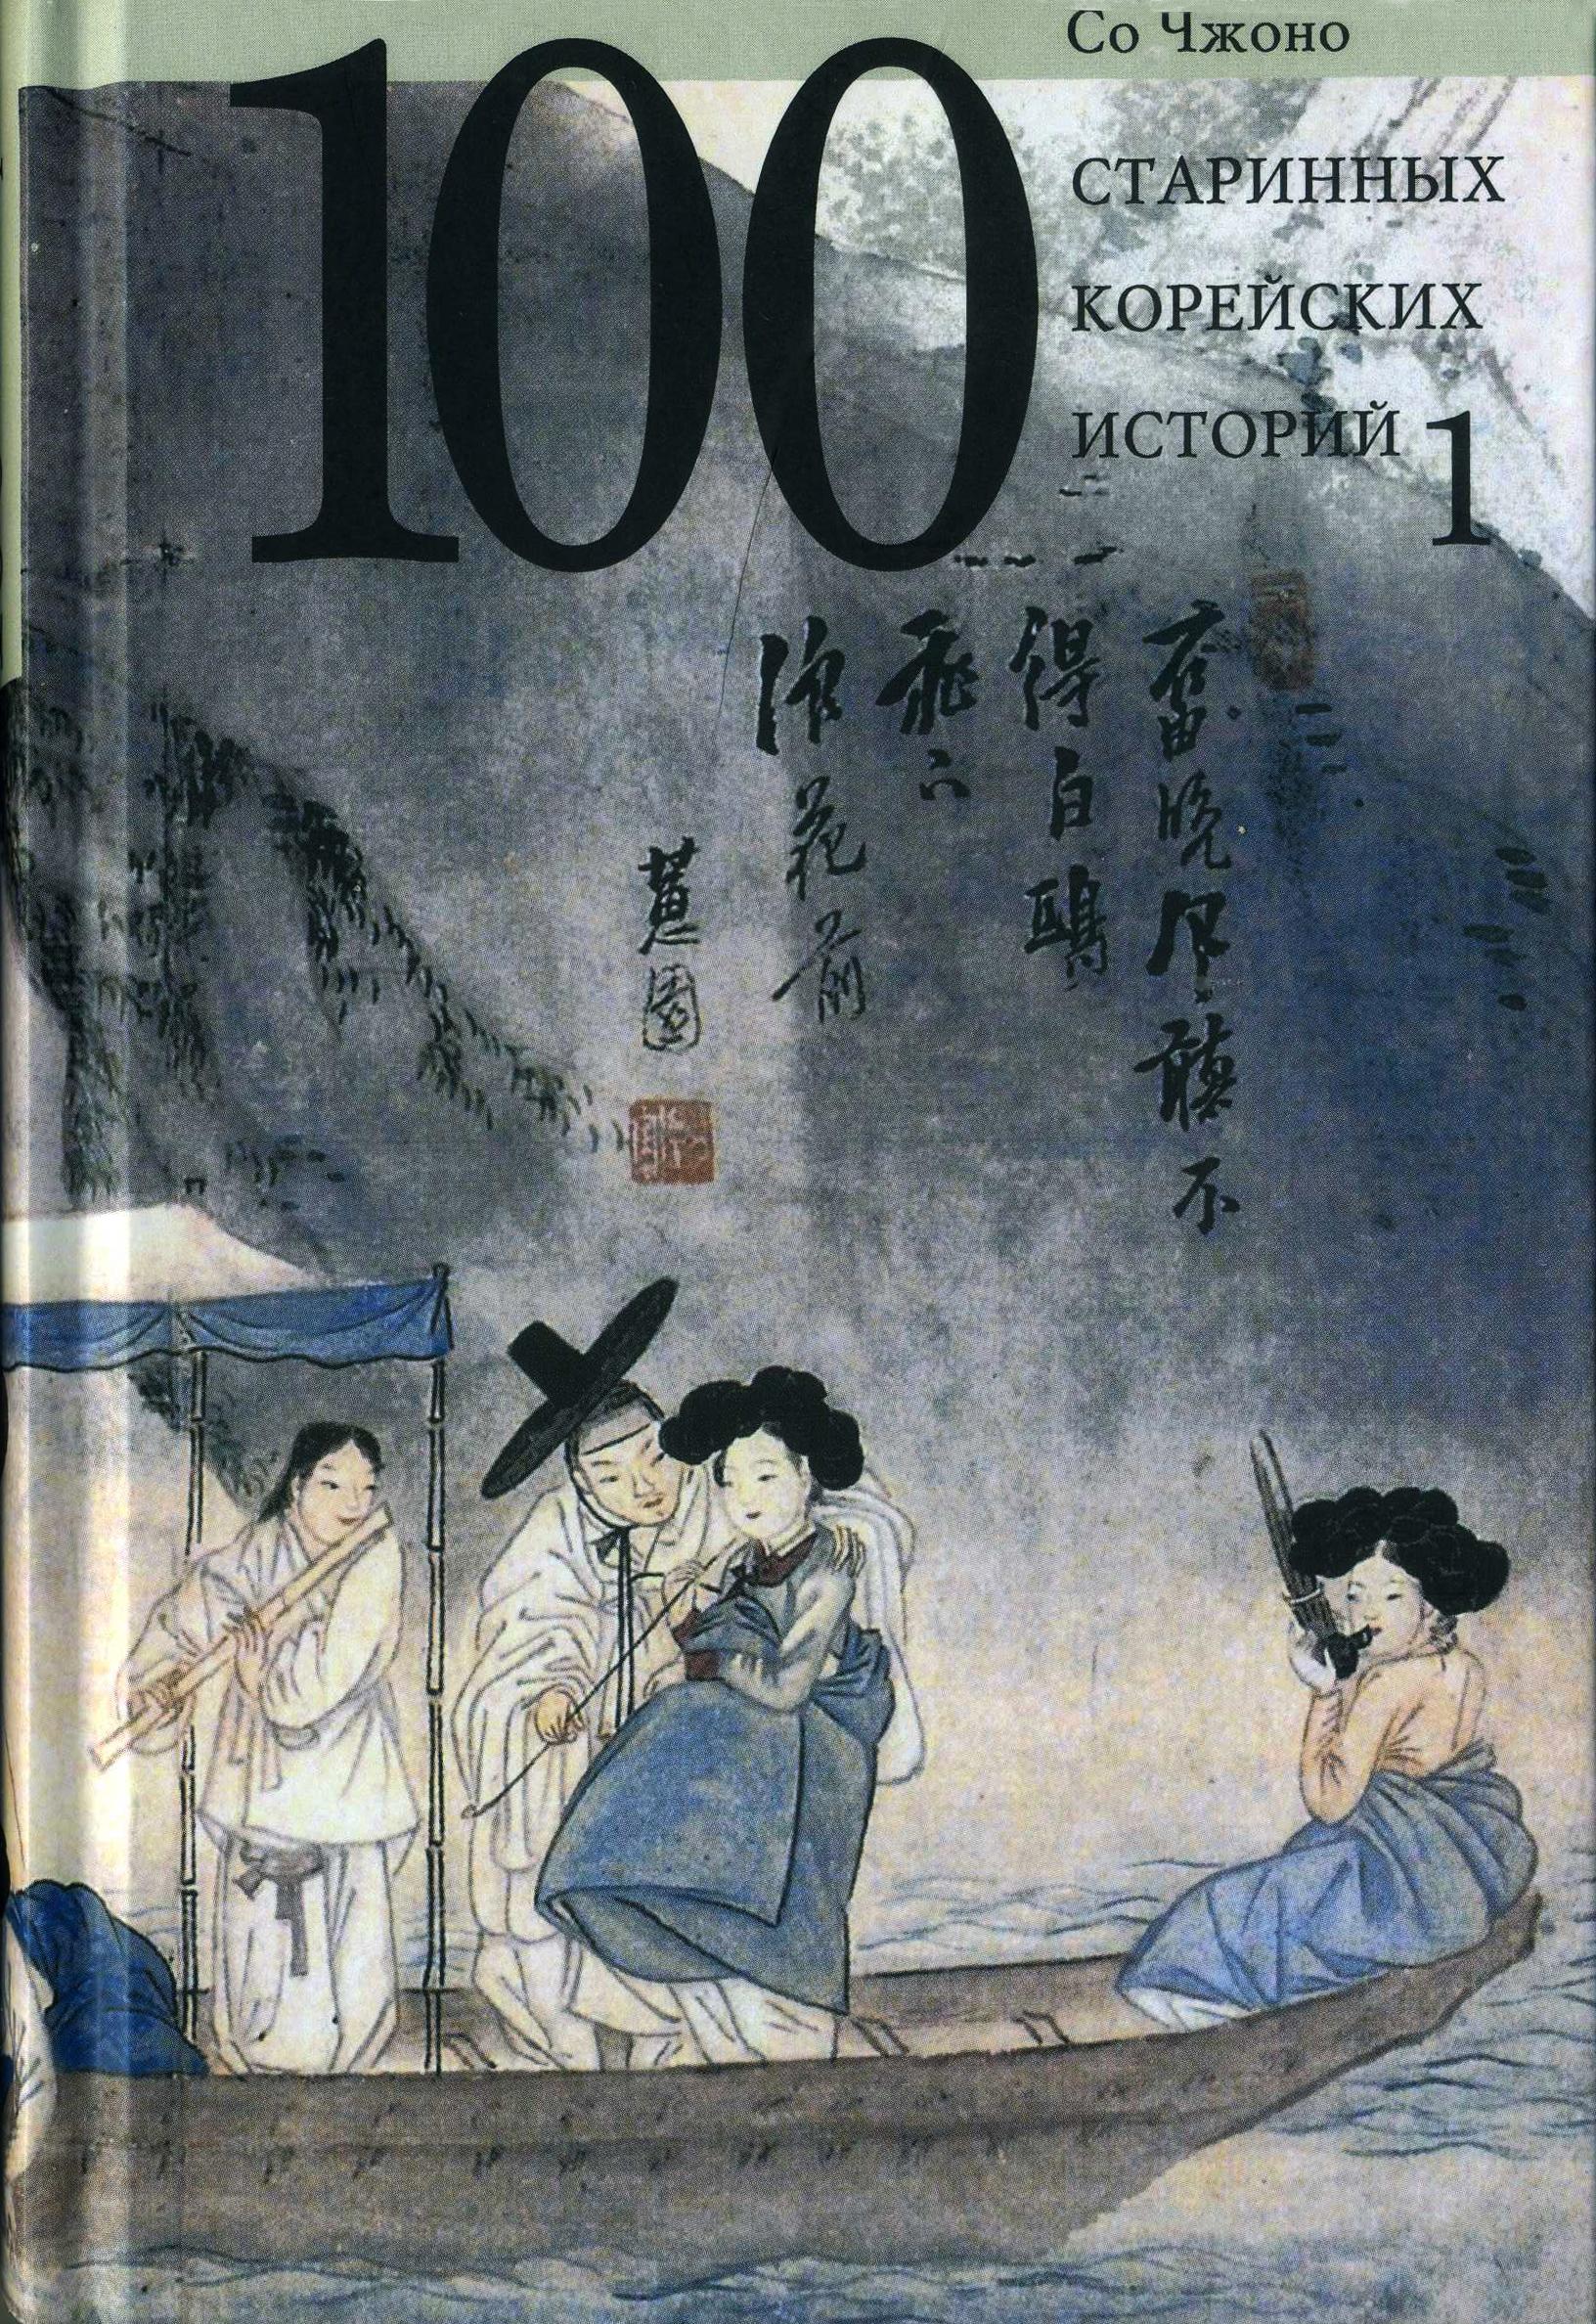 Сто старинных корейских историй. Том 1